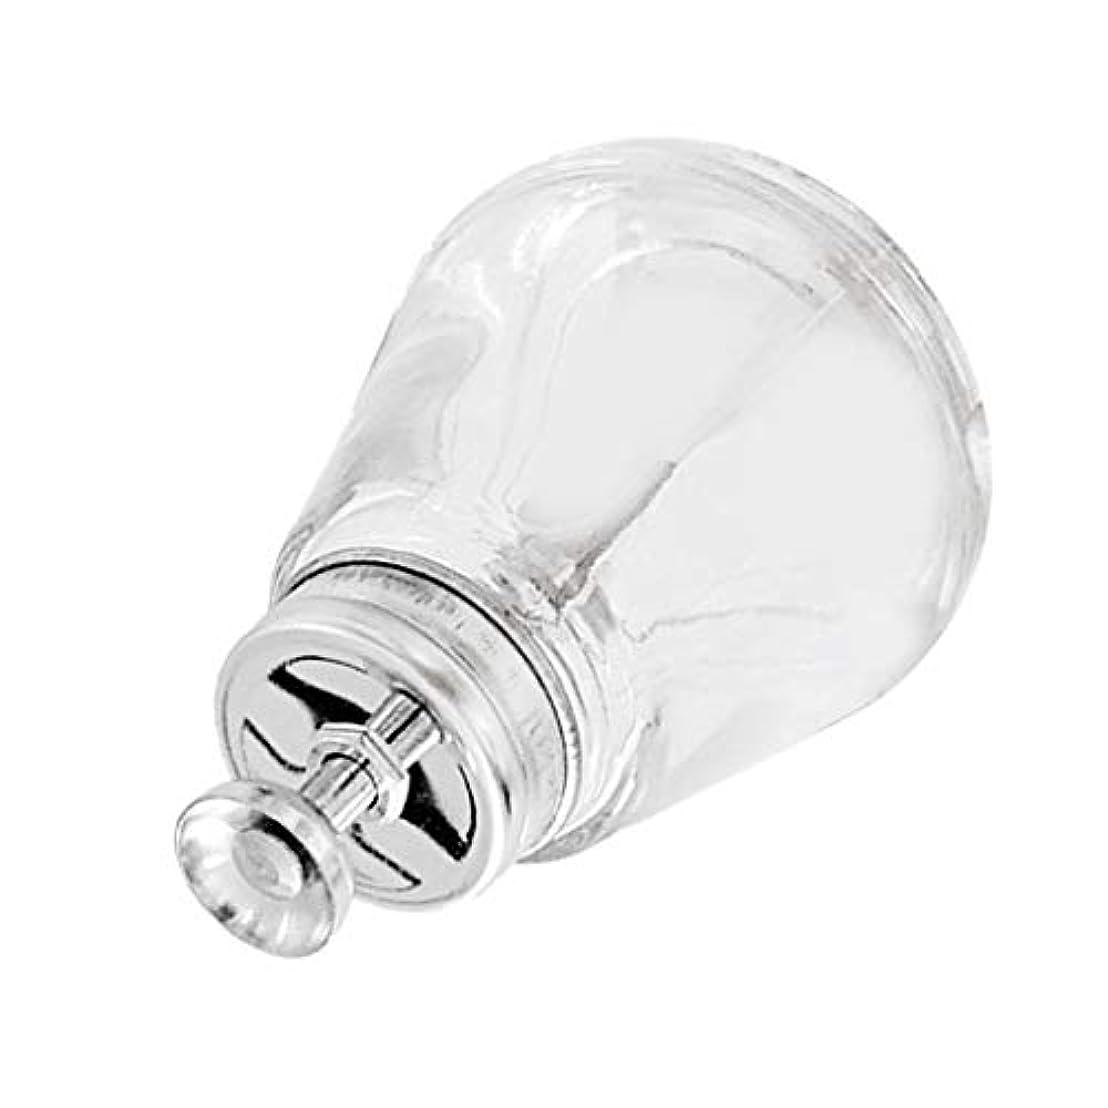 対話内陸シェフネイルアートツールボトル ガラス瓶 150mL 蓋付き マニキュアリム用 ネイルケア 空ポンプボトル